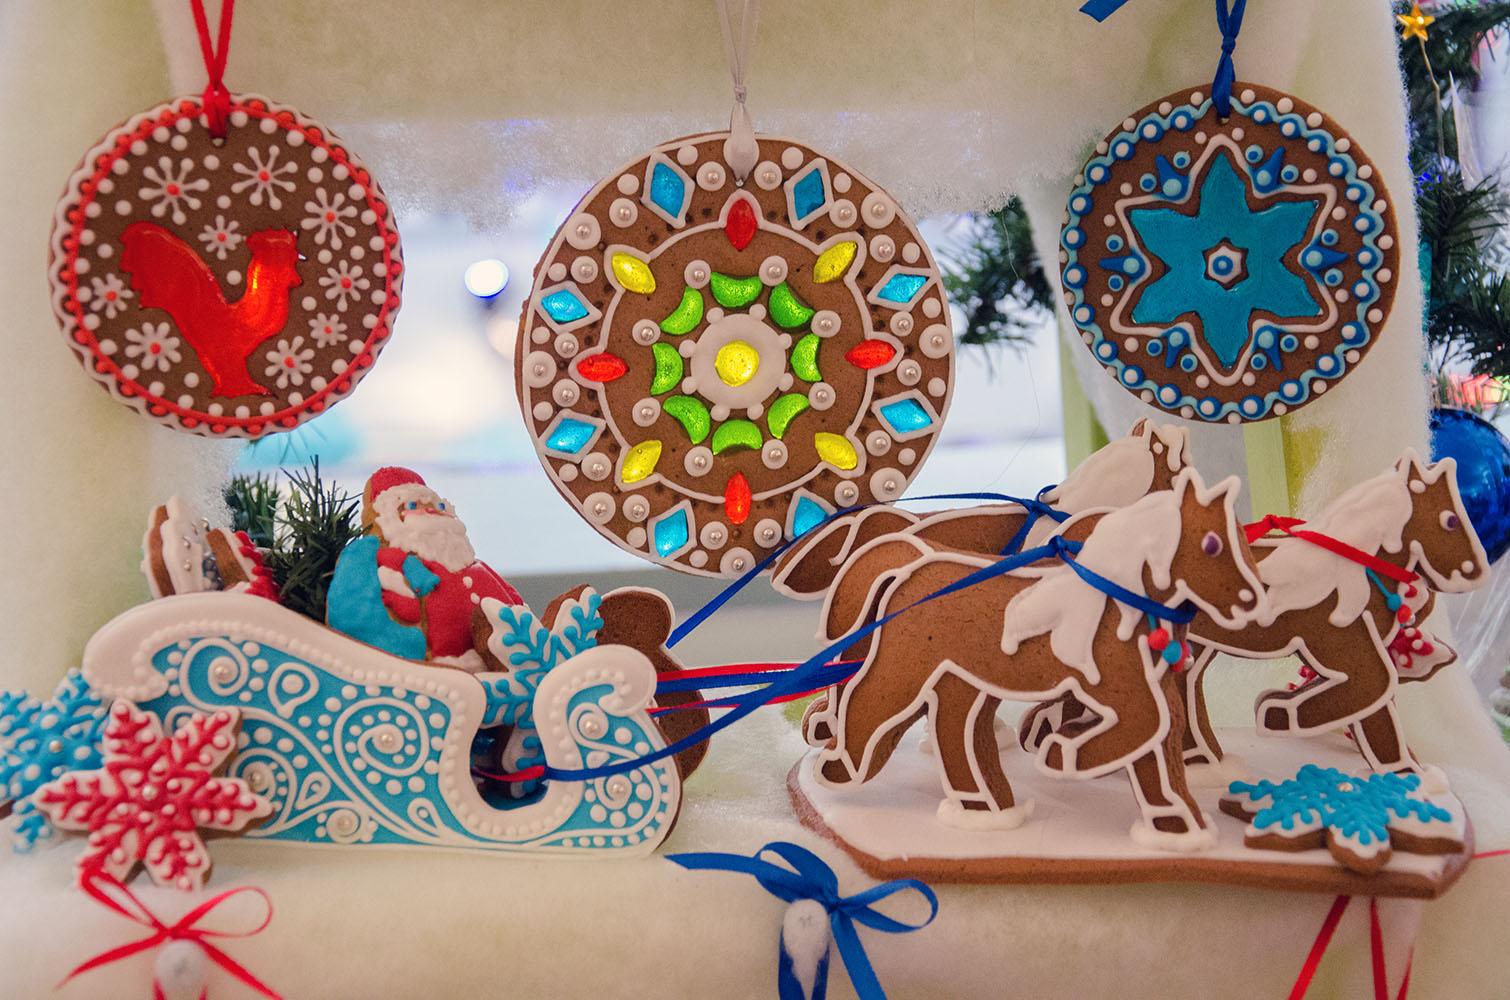 Полевая кухня, Пикассо и пряники: как отдохнуть в Подмосковье 16 и 17 декабря | Изображение 3